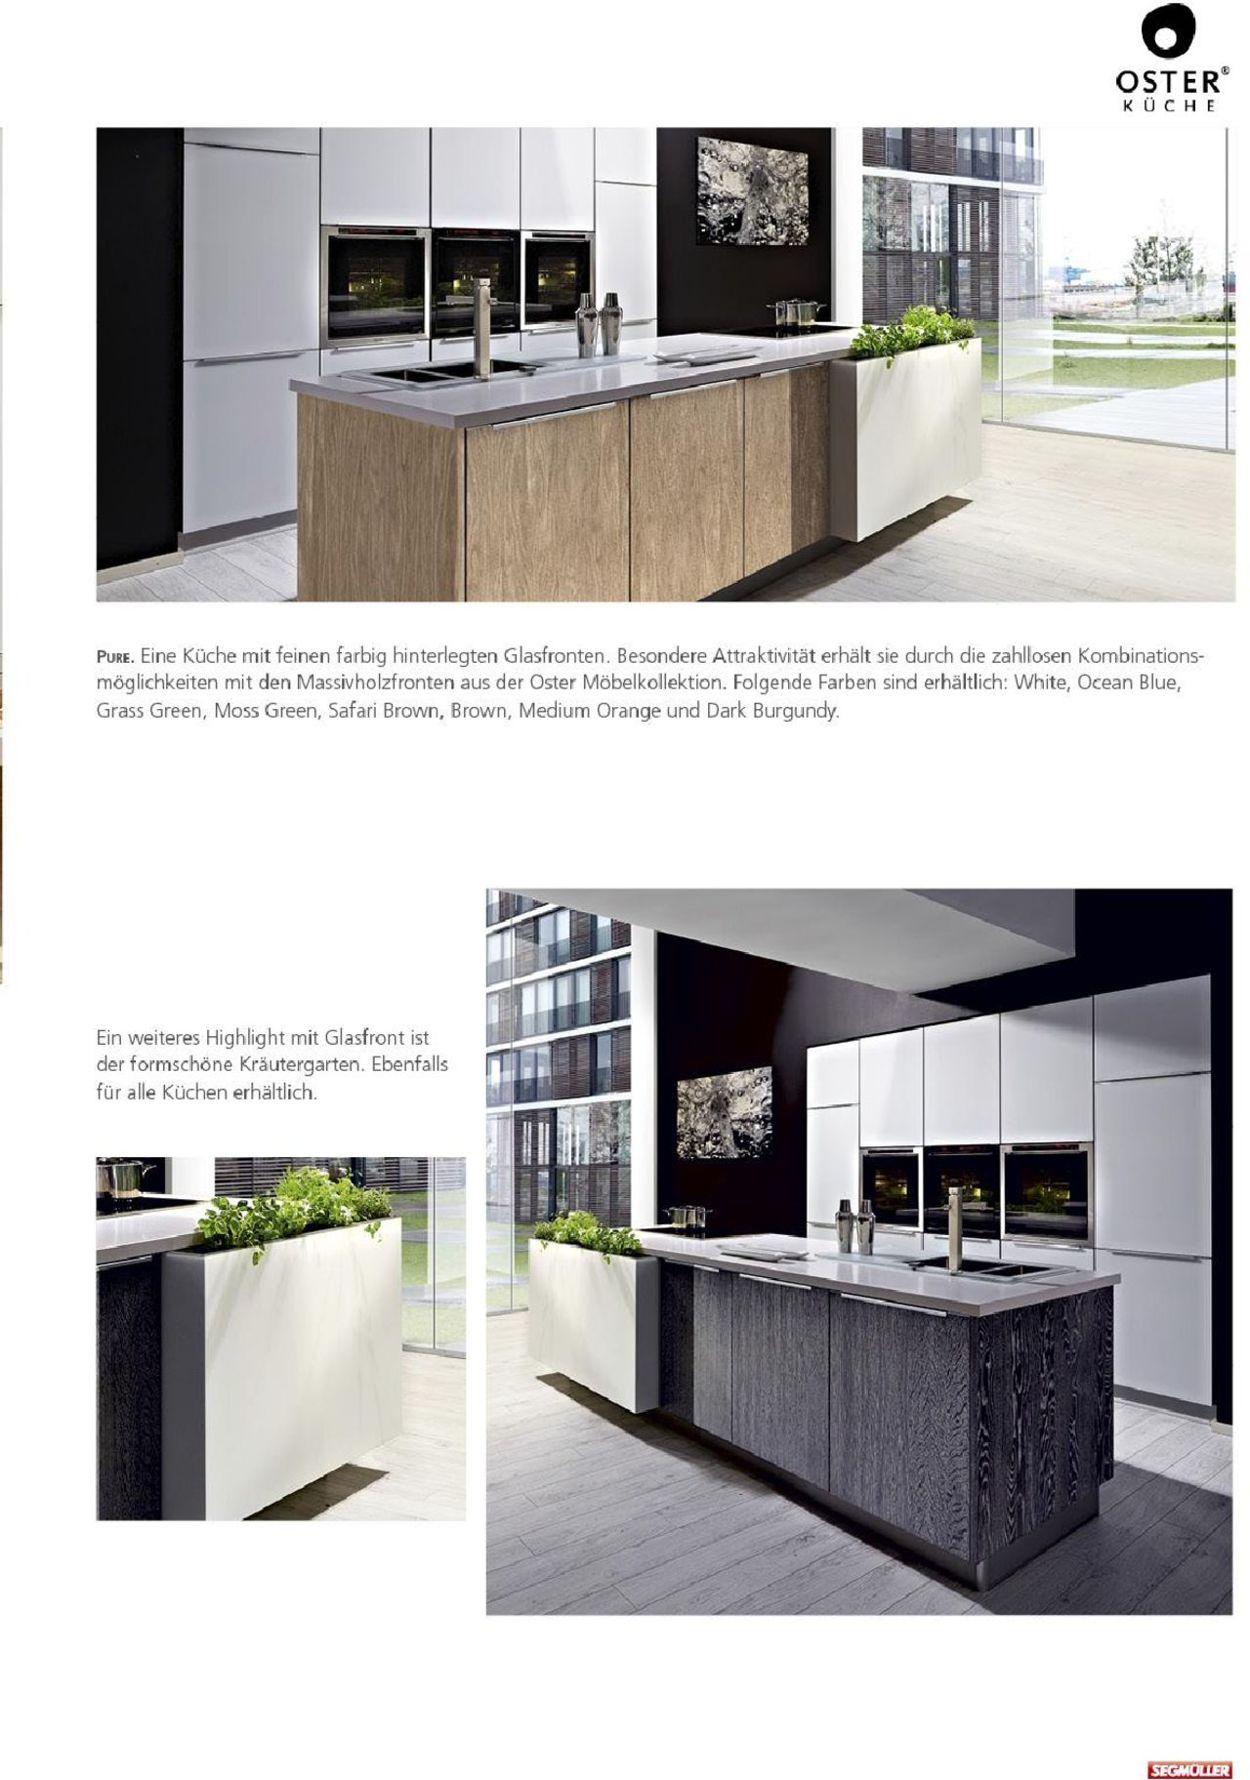 Full Size of Segmüller Küche Planen Segmüller Küche Erweitern Segmüller Küche Umzug Segmüller Küche Widerruf Küche Segmüller Küche